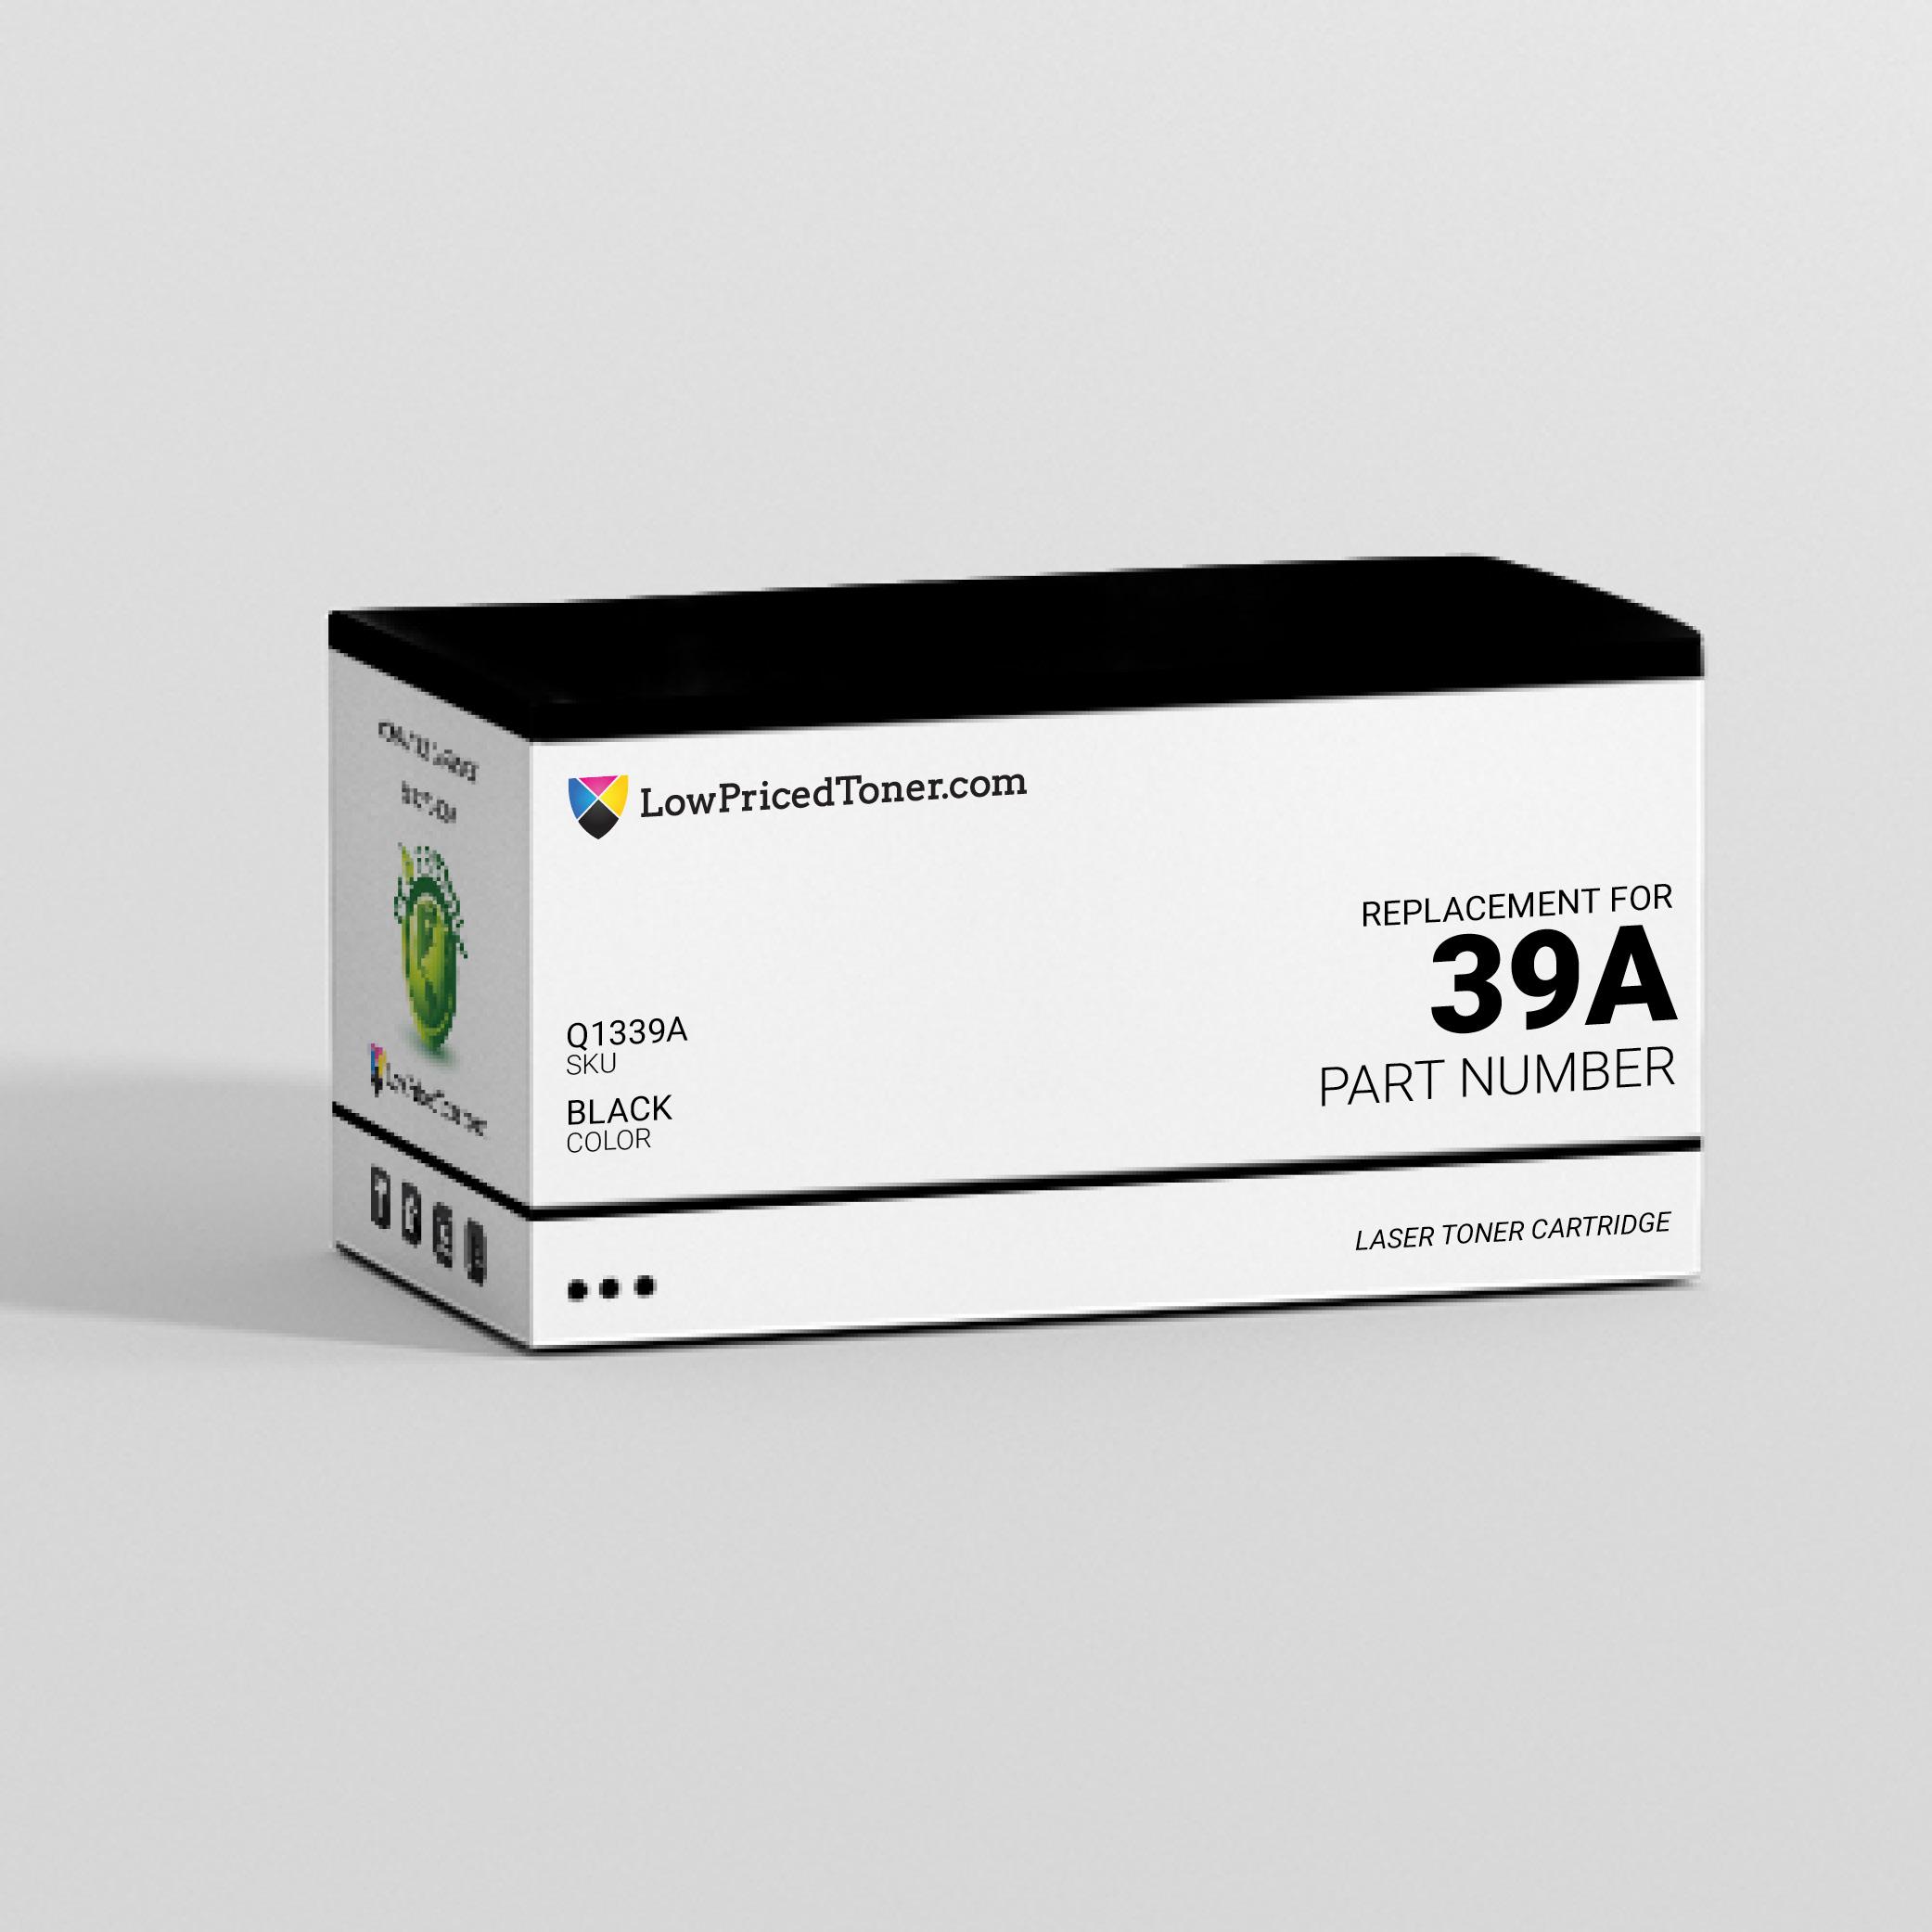 HP Q1339A 39A Compatible Black Laser Toner Cartridge